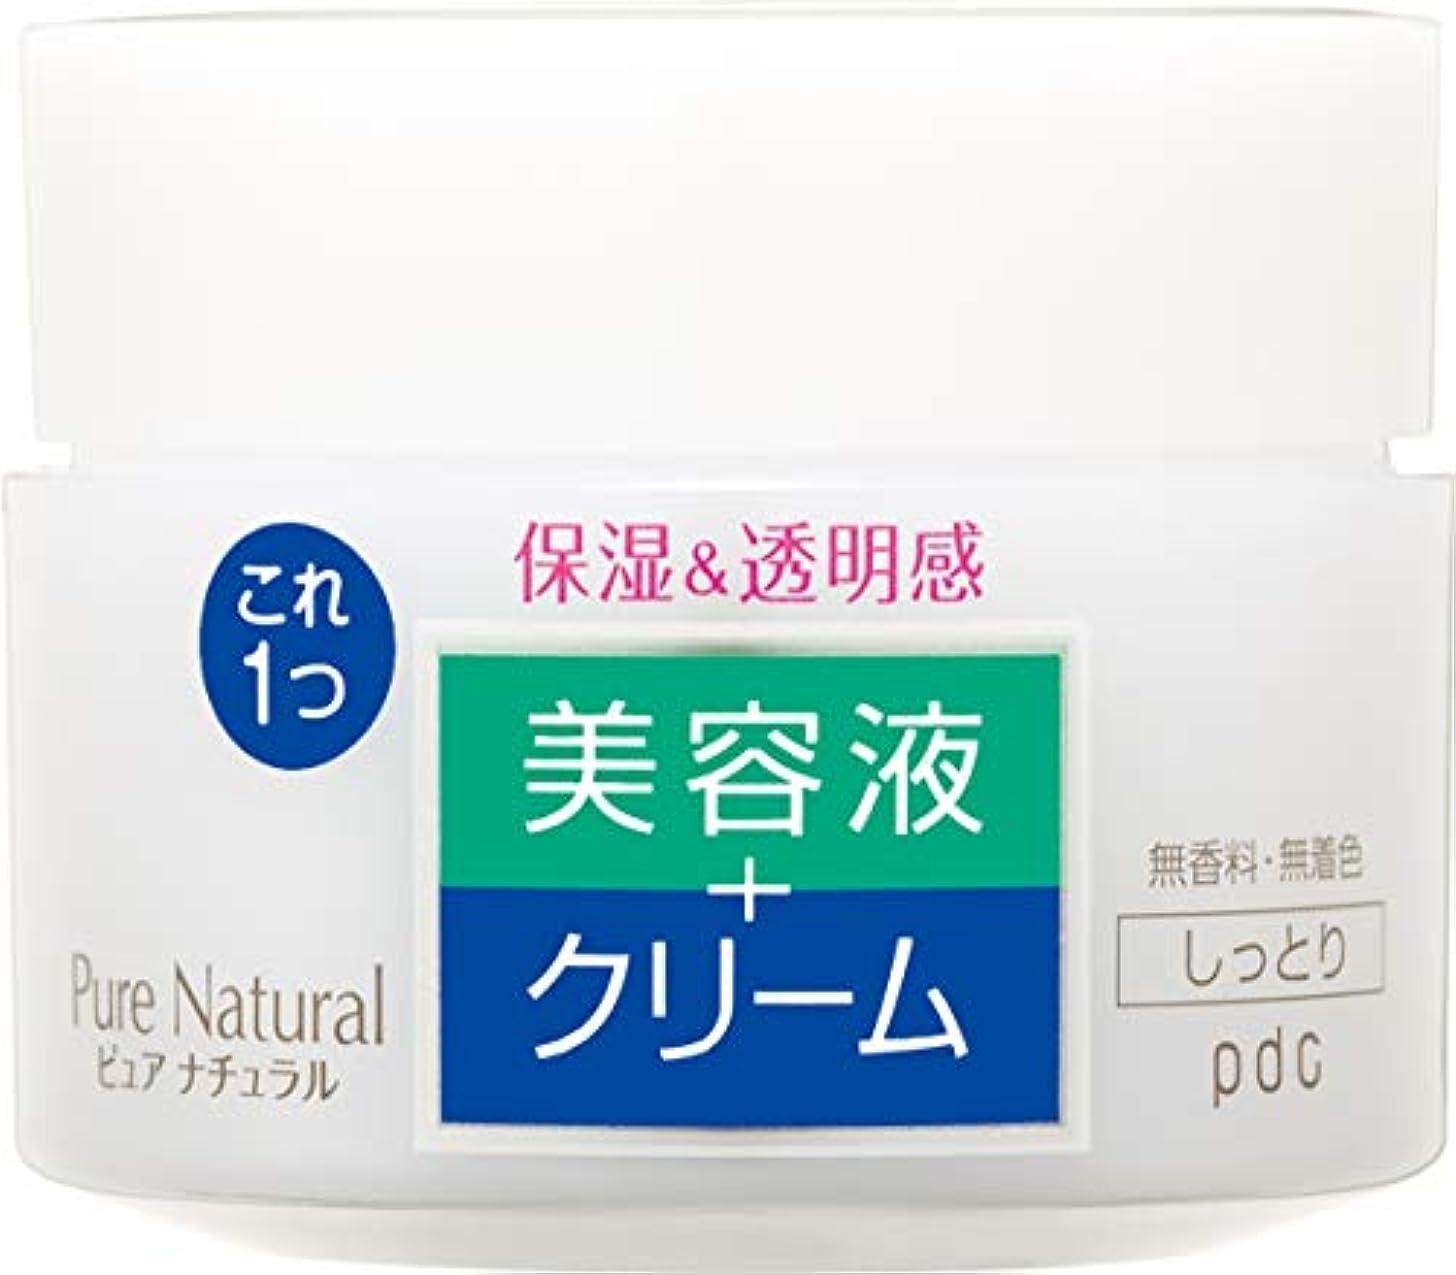 れんがモロニック葉を集めるPure NATURAL(ピュアナチュラル) クリームエッセンス モイスト 100g